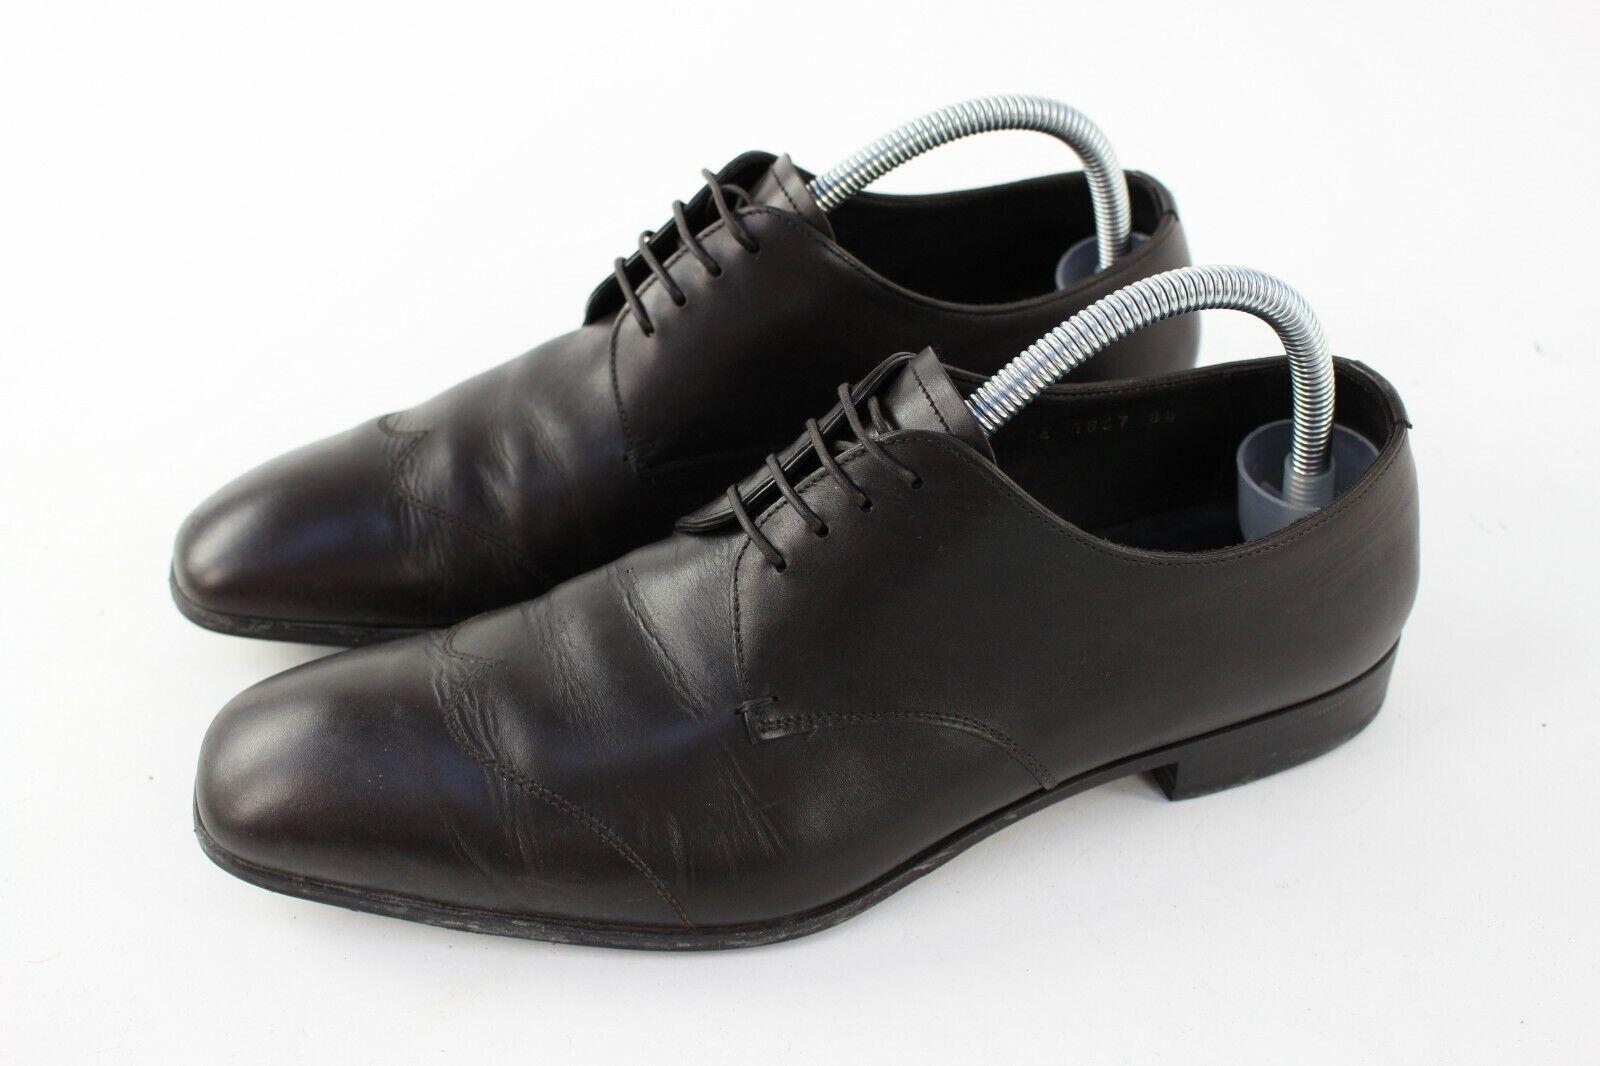 Prada Dark Brown Leather Men's Shoes Sz 8.5 UK